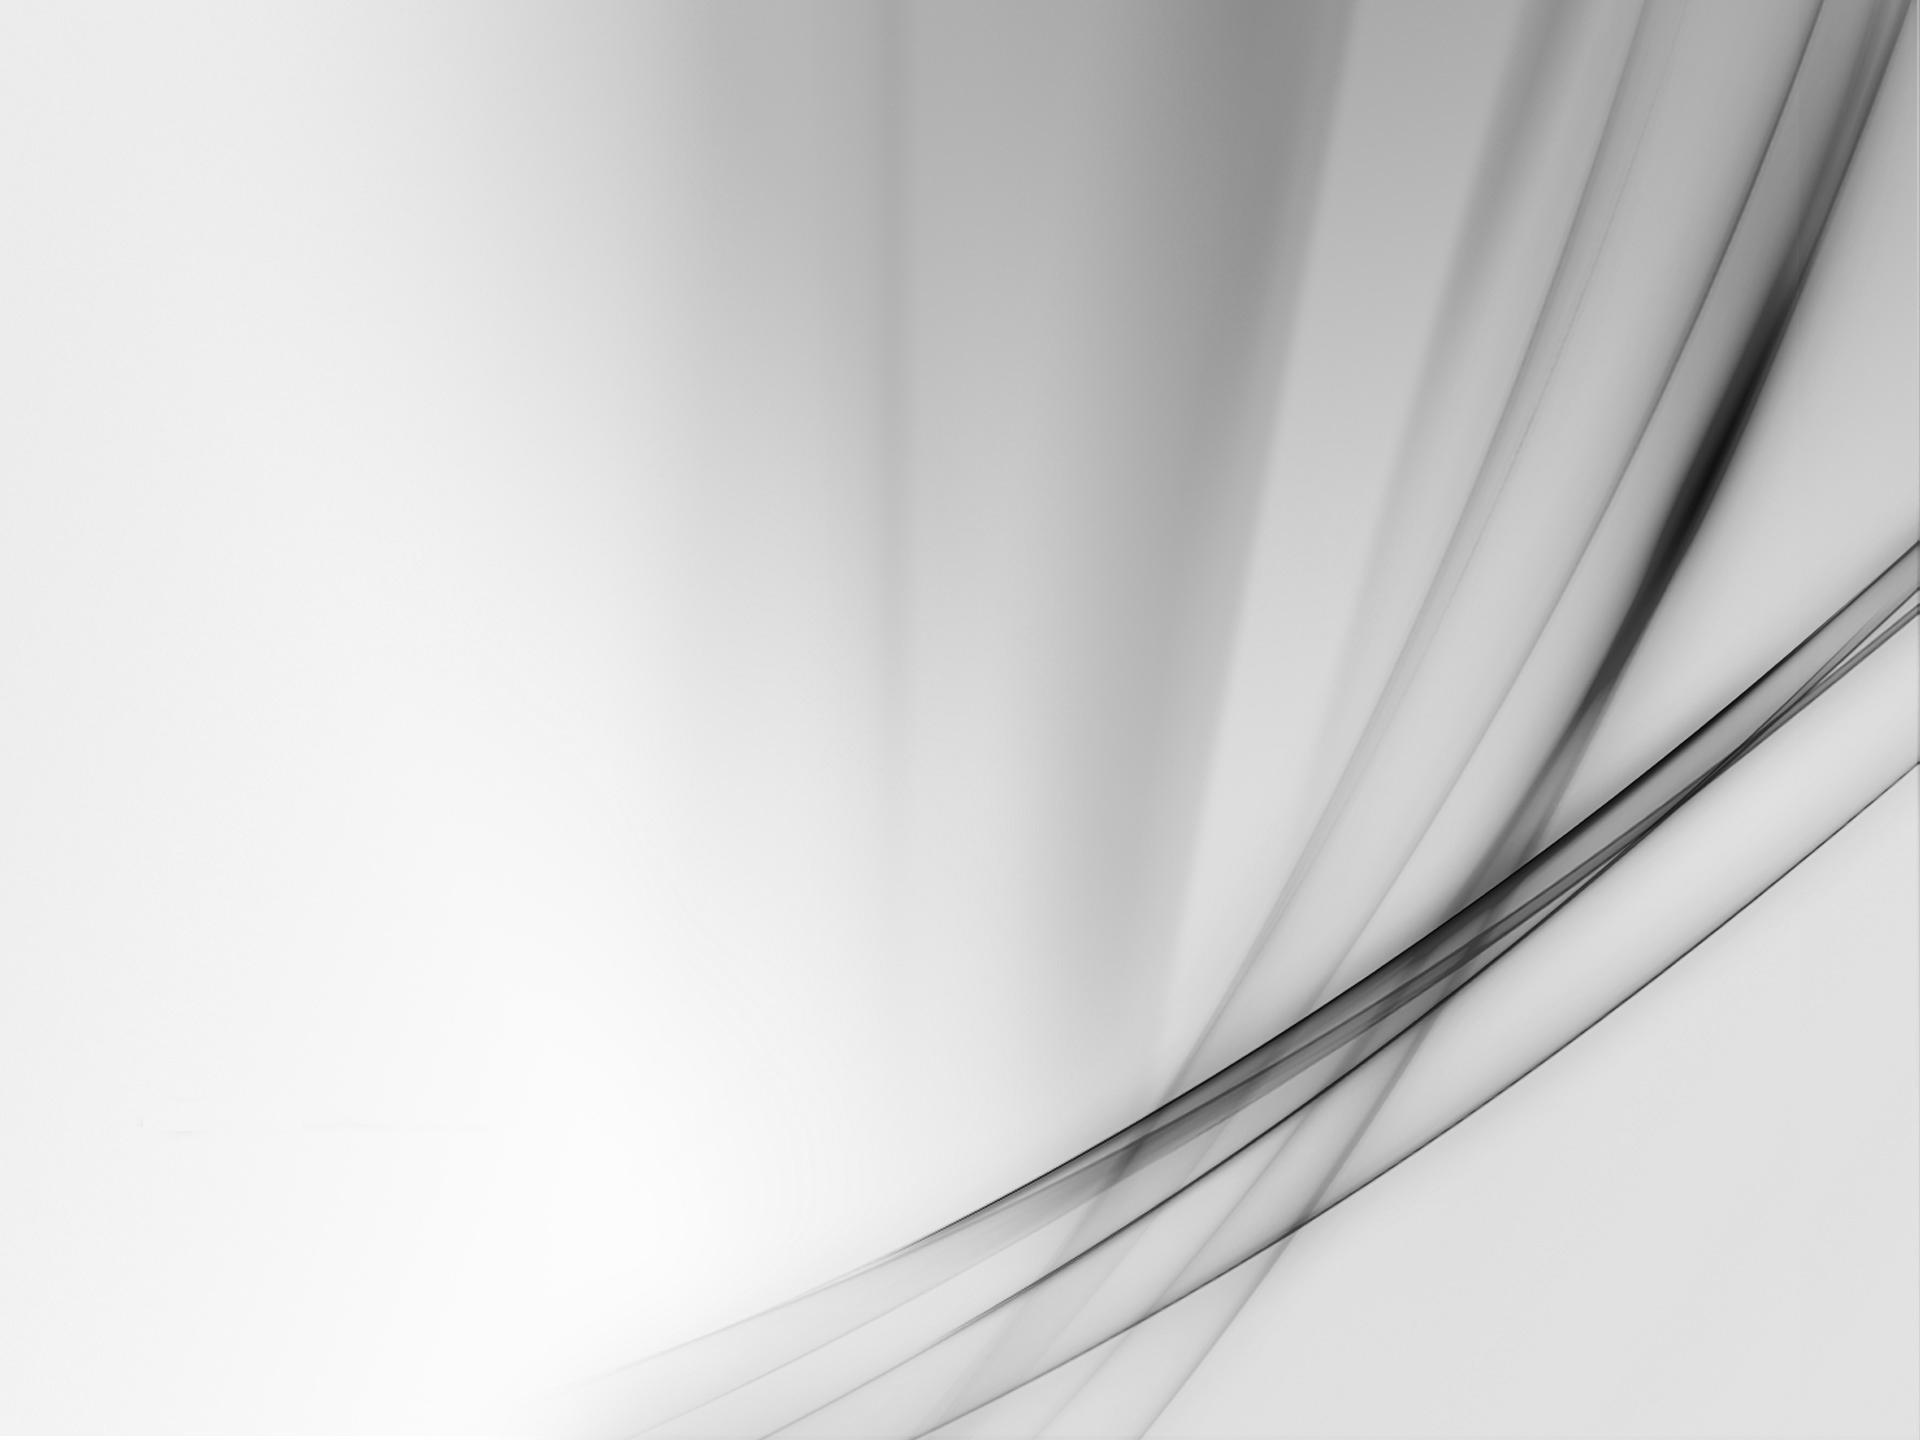 Hd wallpaper white – White Wallpaper Hd Texture 6d Download